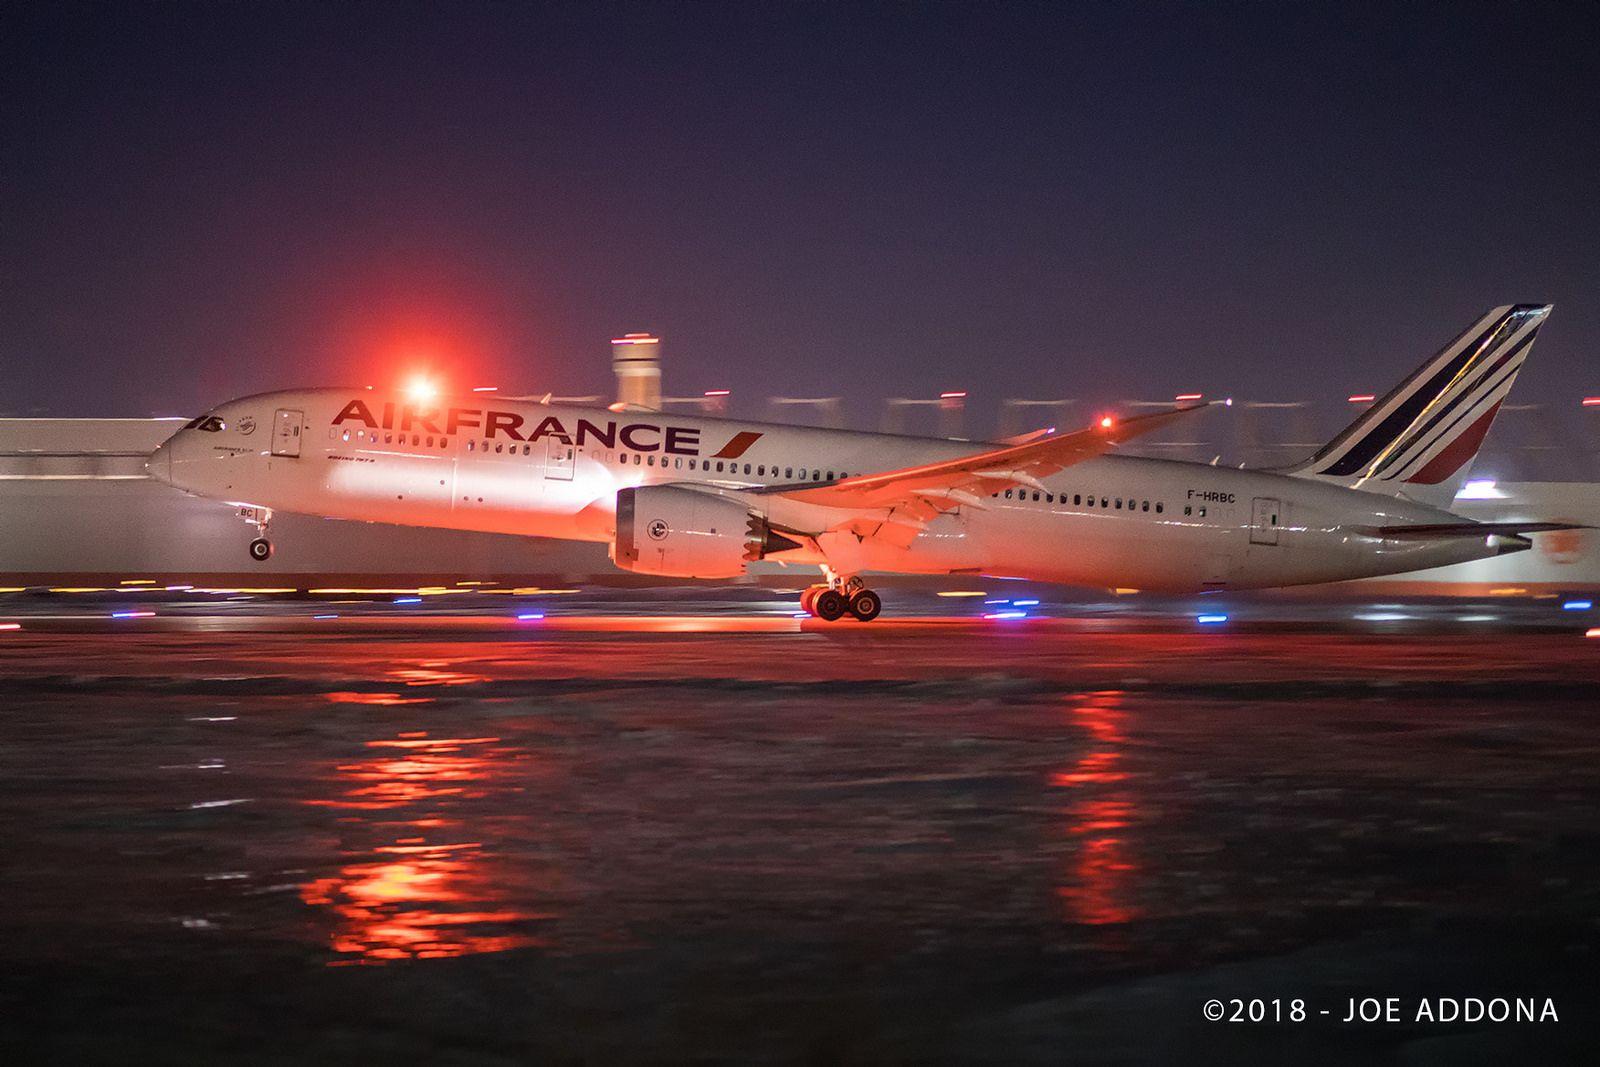 Air France Boeing 787 9 Dreamliner Boeing 787 9 Dreamliner